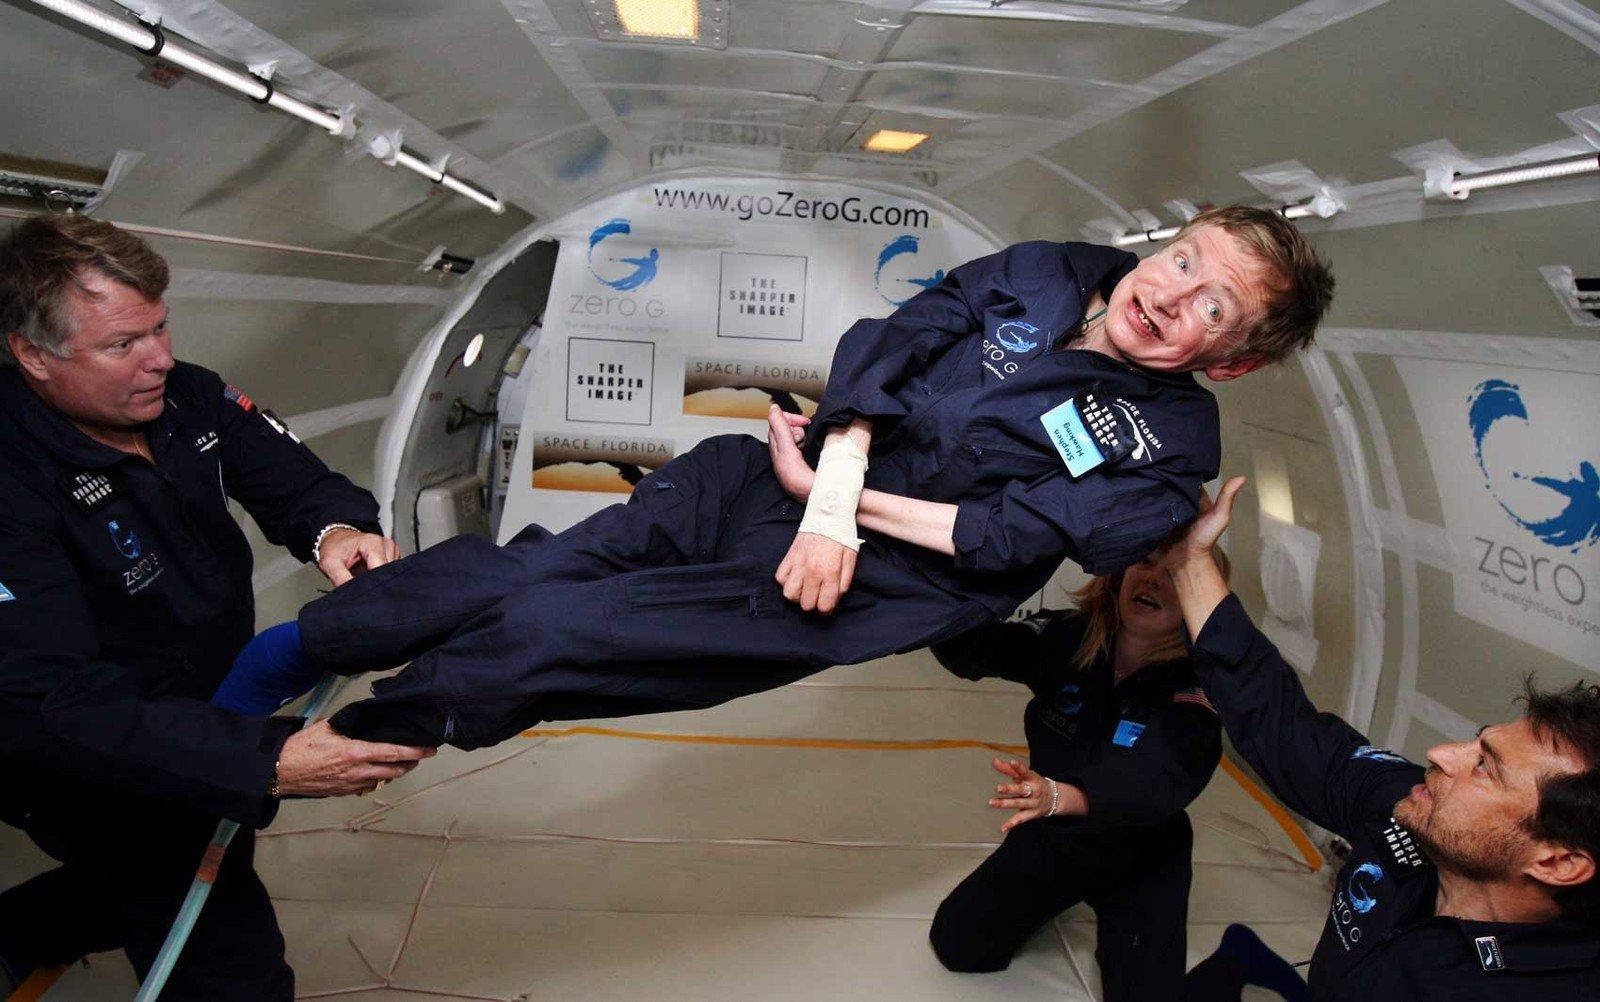 gravidade - A comoção do mundo inteiro sobre a partida de Stephen Hawking